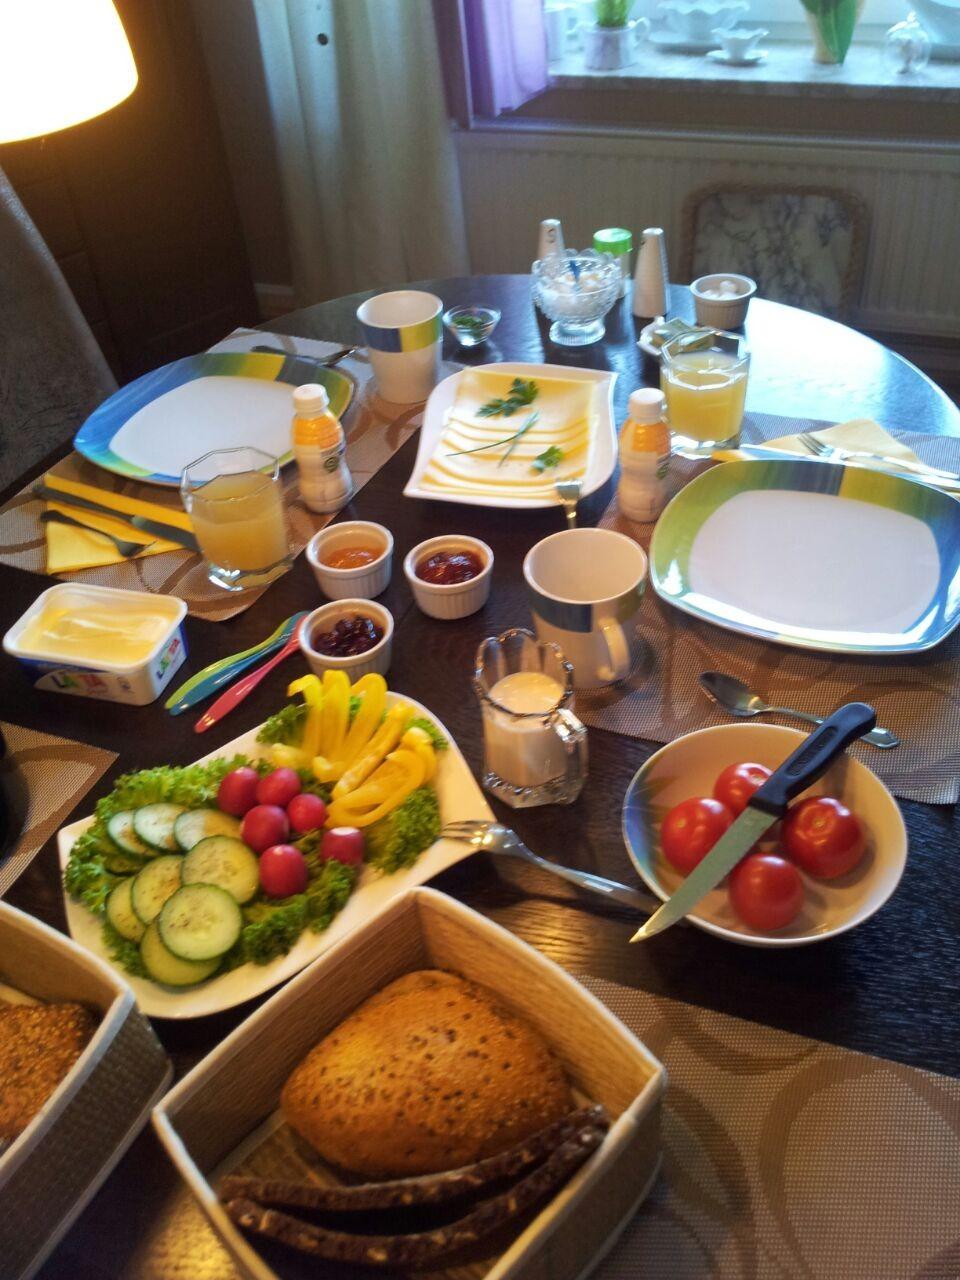 Ein guter Start in den Morgen beginnt mit einem leckeren Frühstück